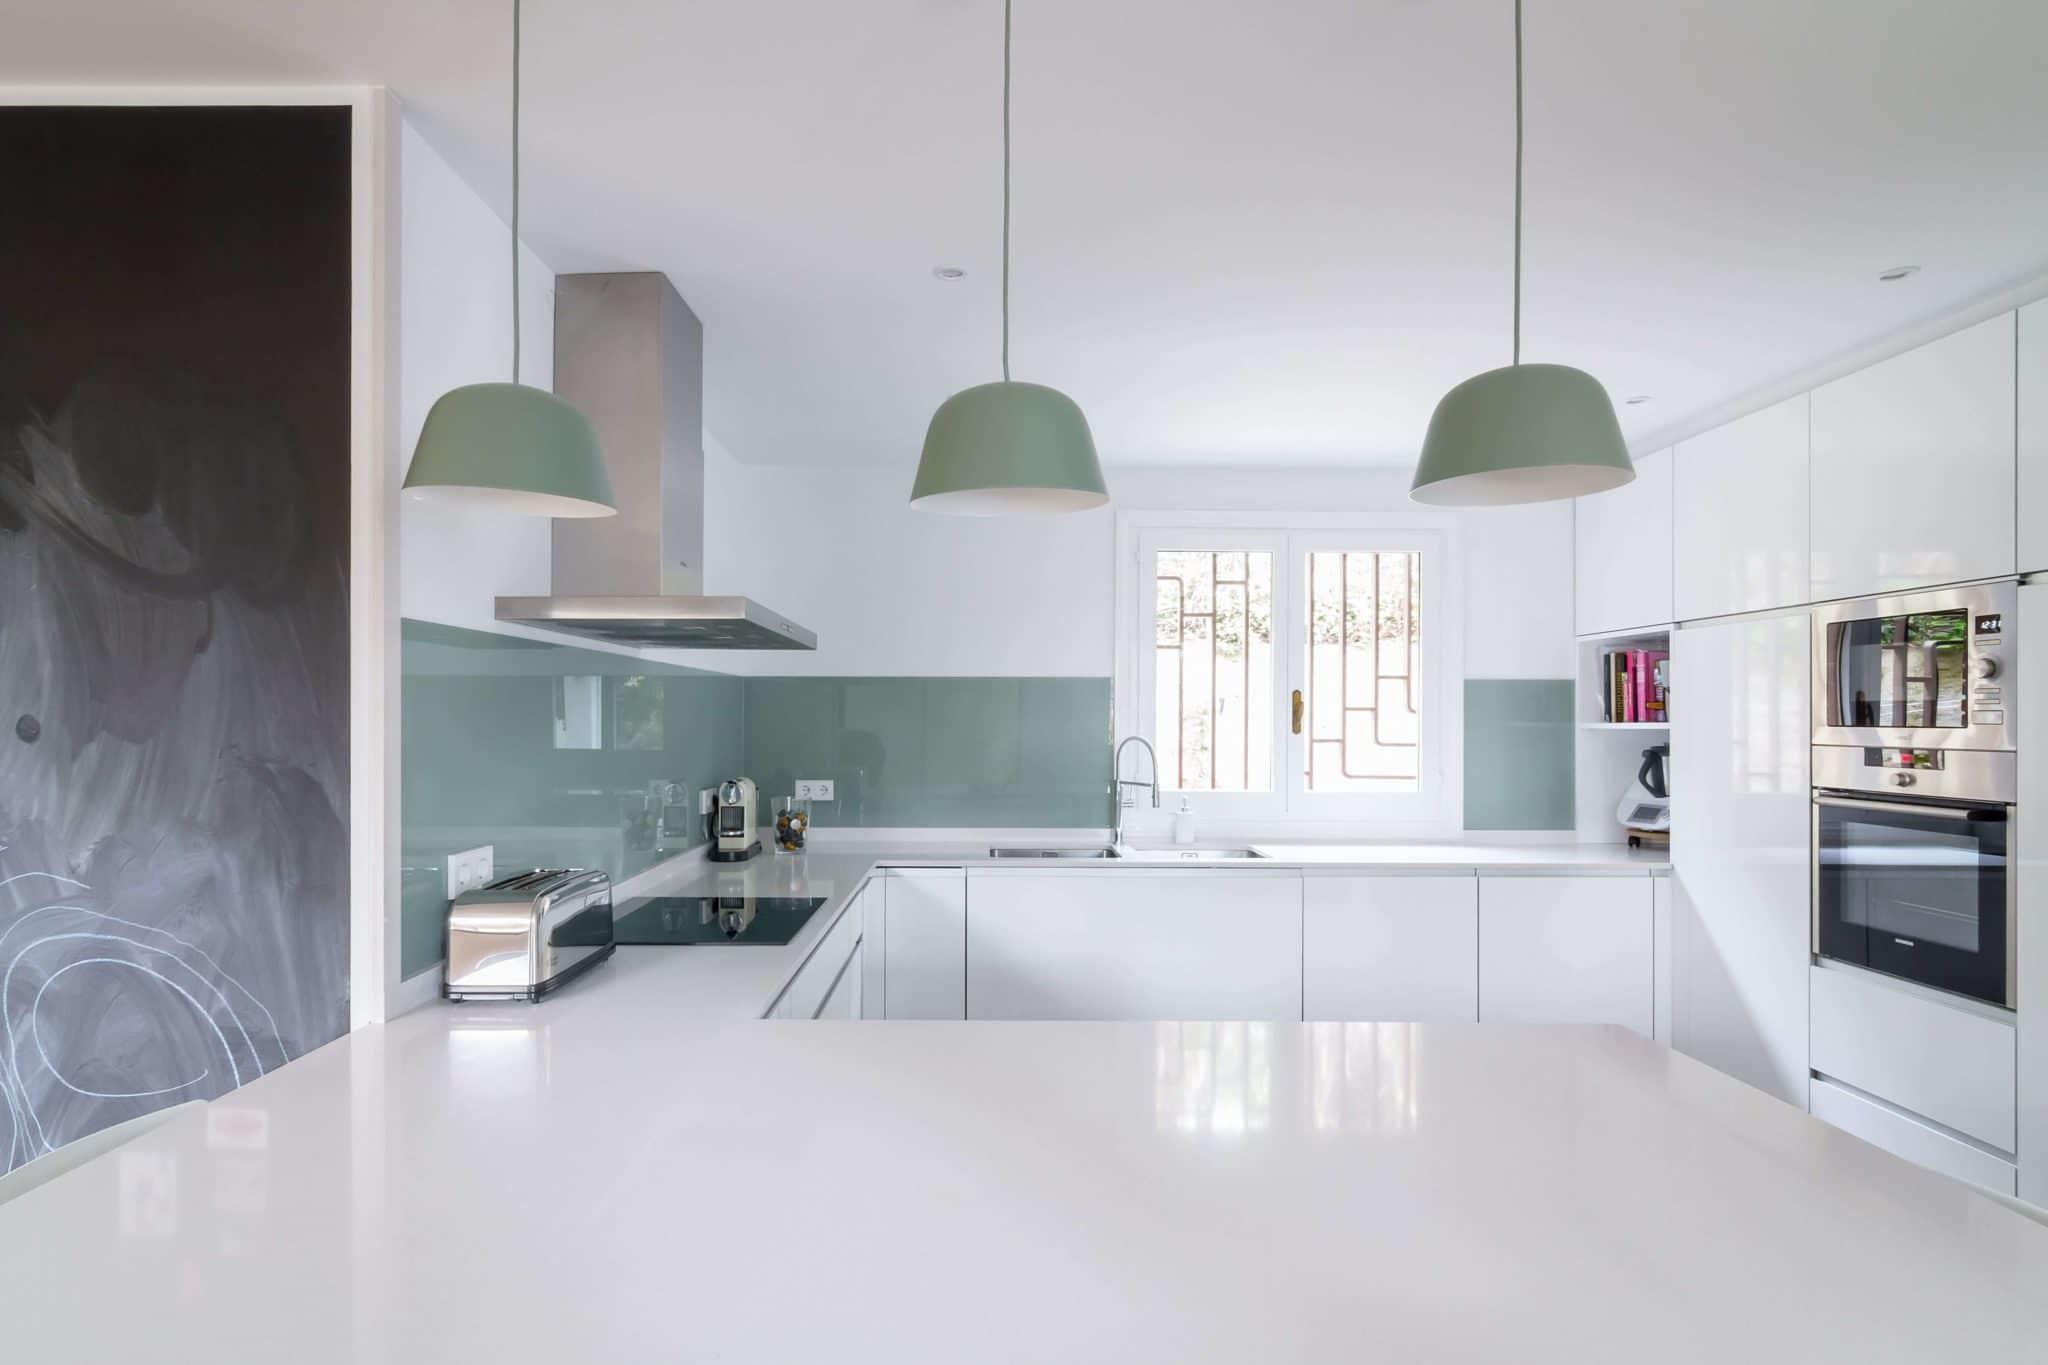 Cocinas con península verde menta y blanca